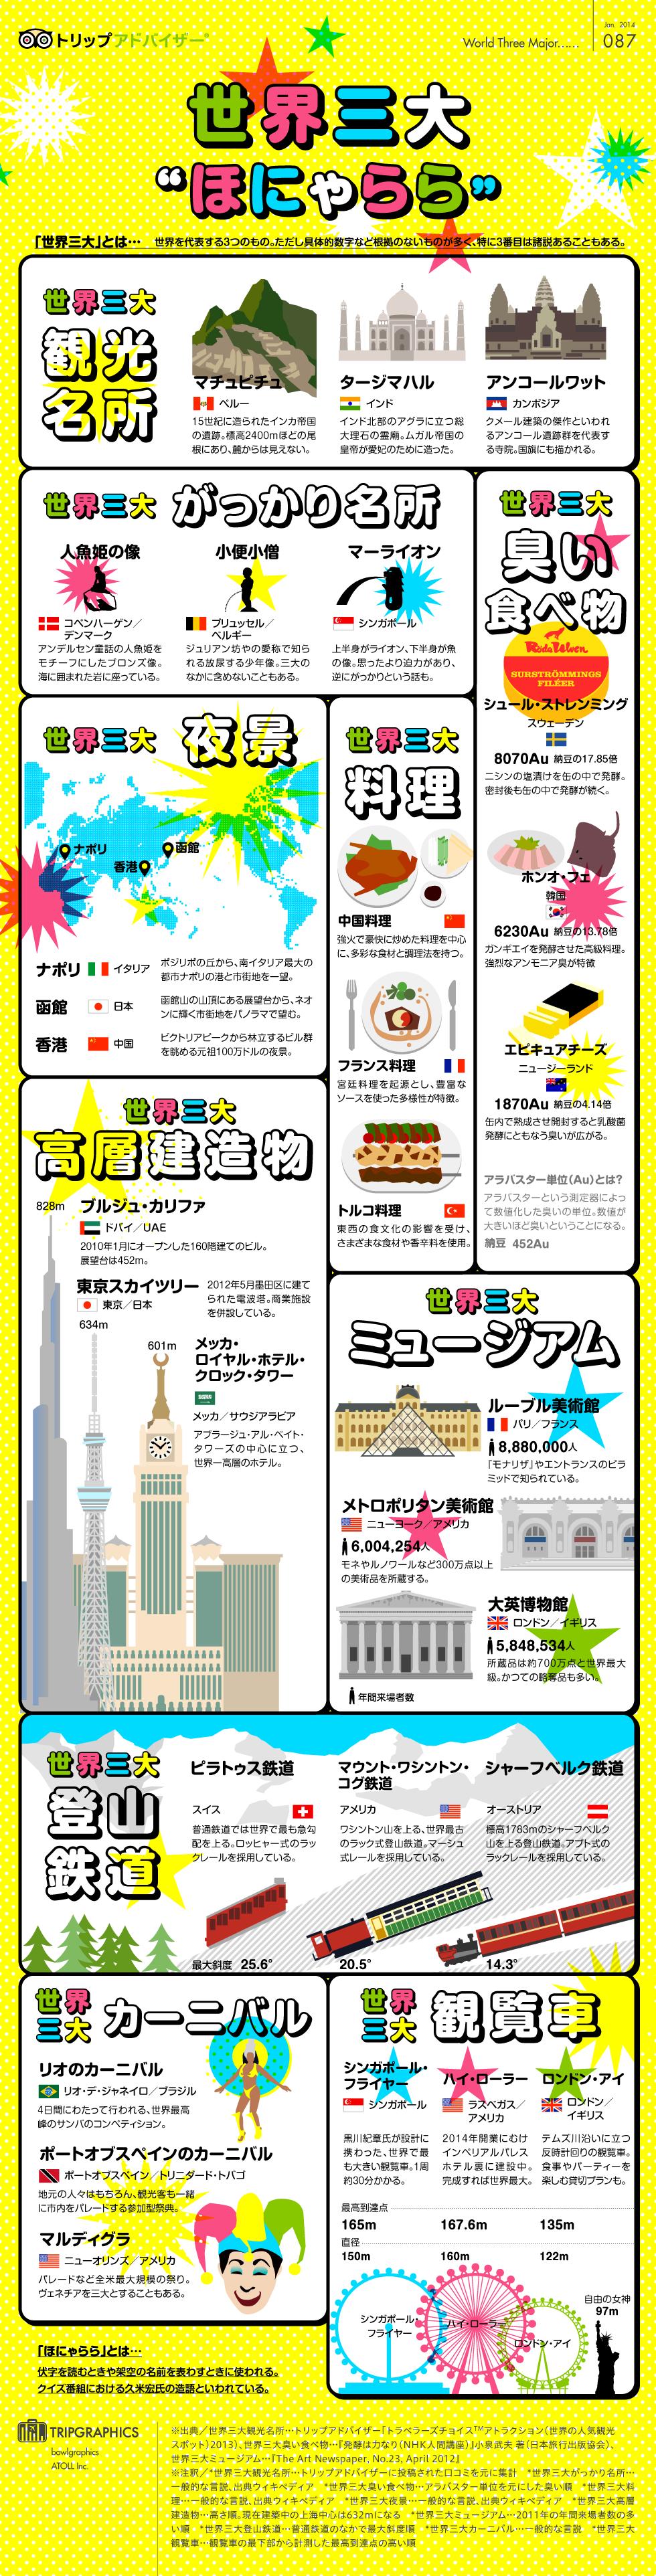 インフォグラフィック:世界三大珍味など世界三大○○特集。食べ物や名所、祭りなど